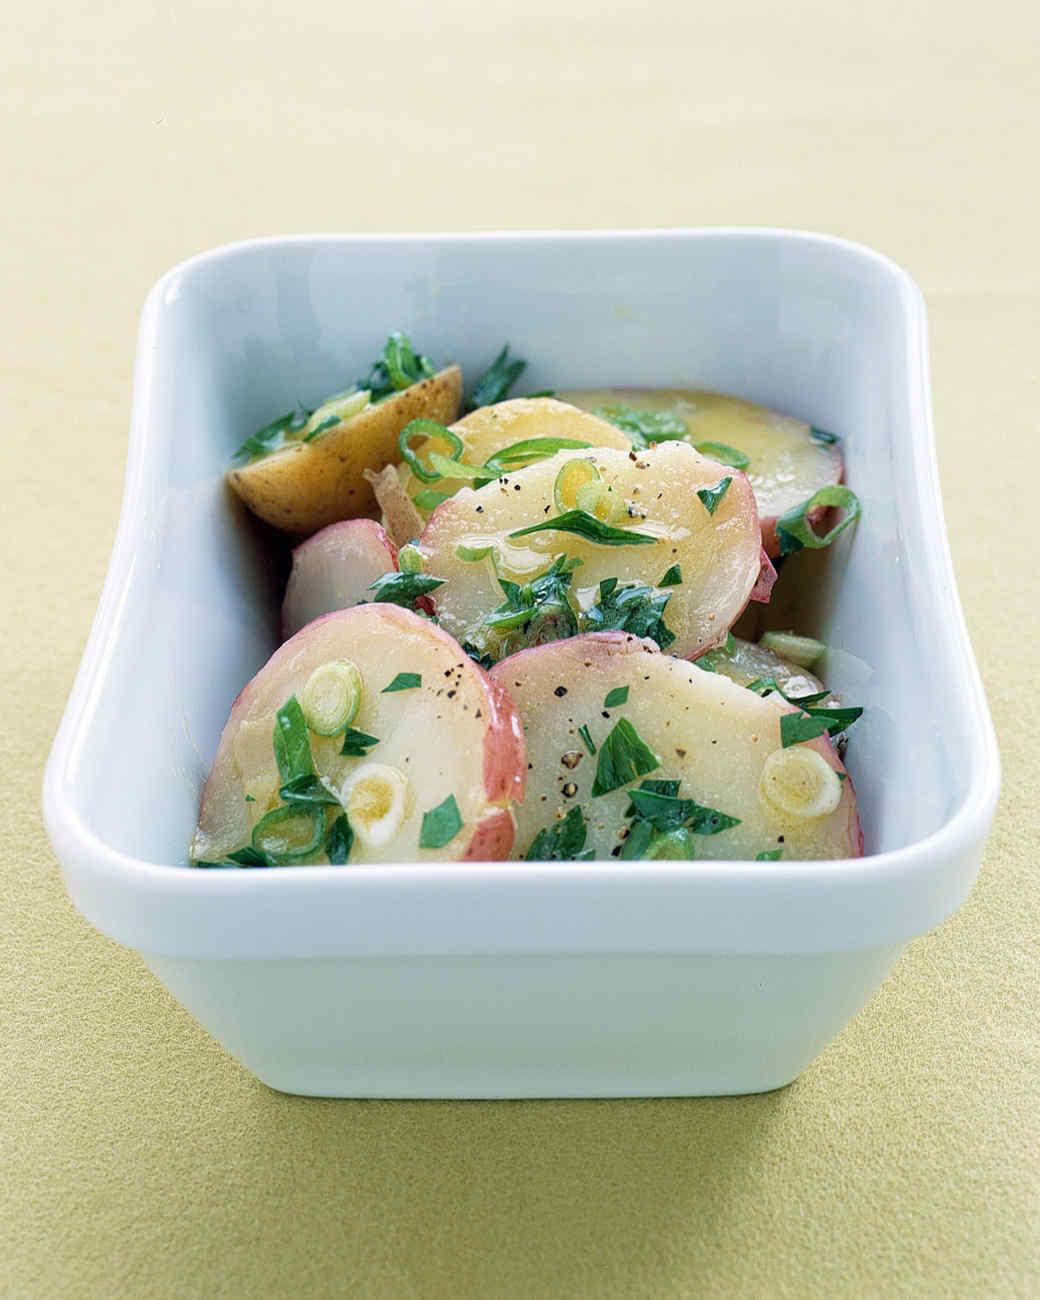 Hot Potato Salad with Scallion Vinaigrette